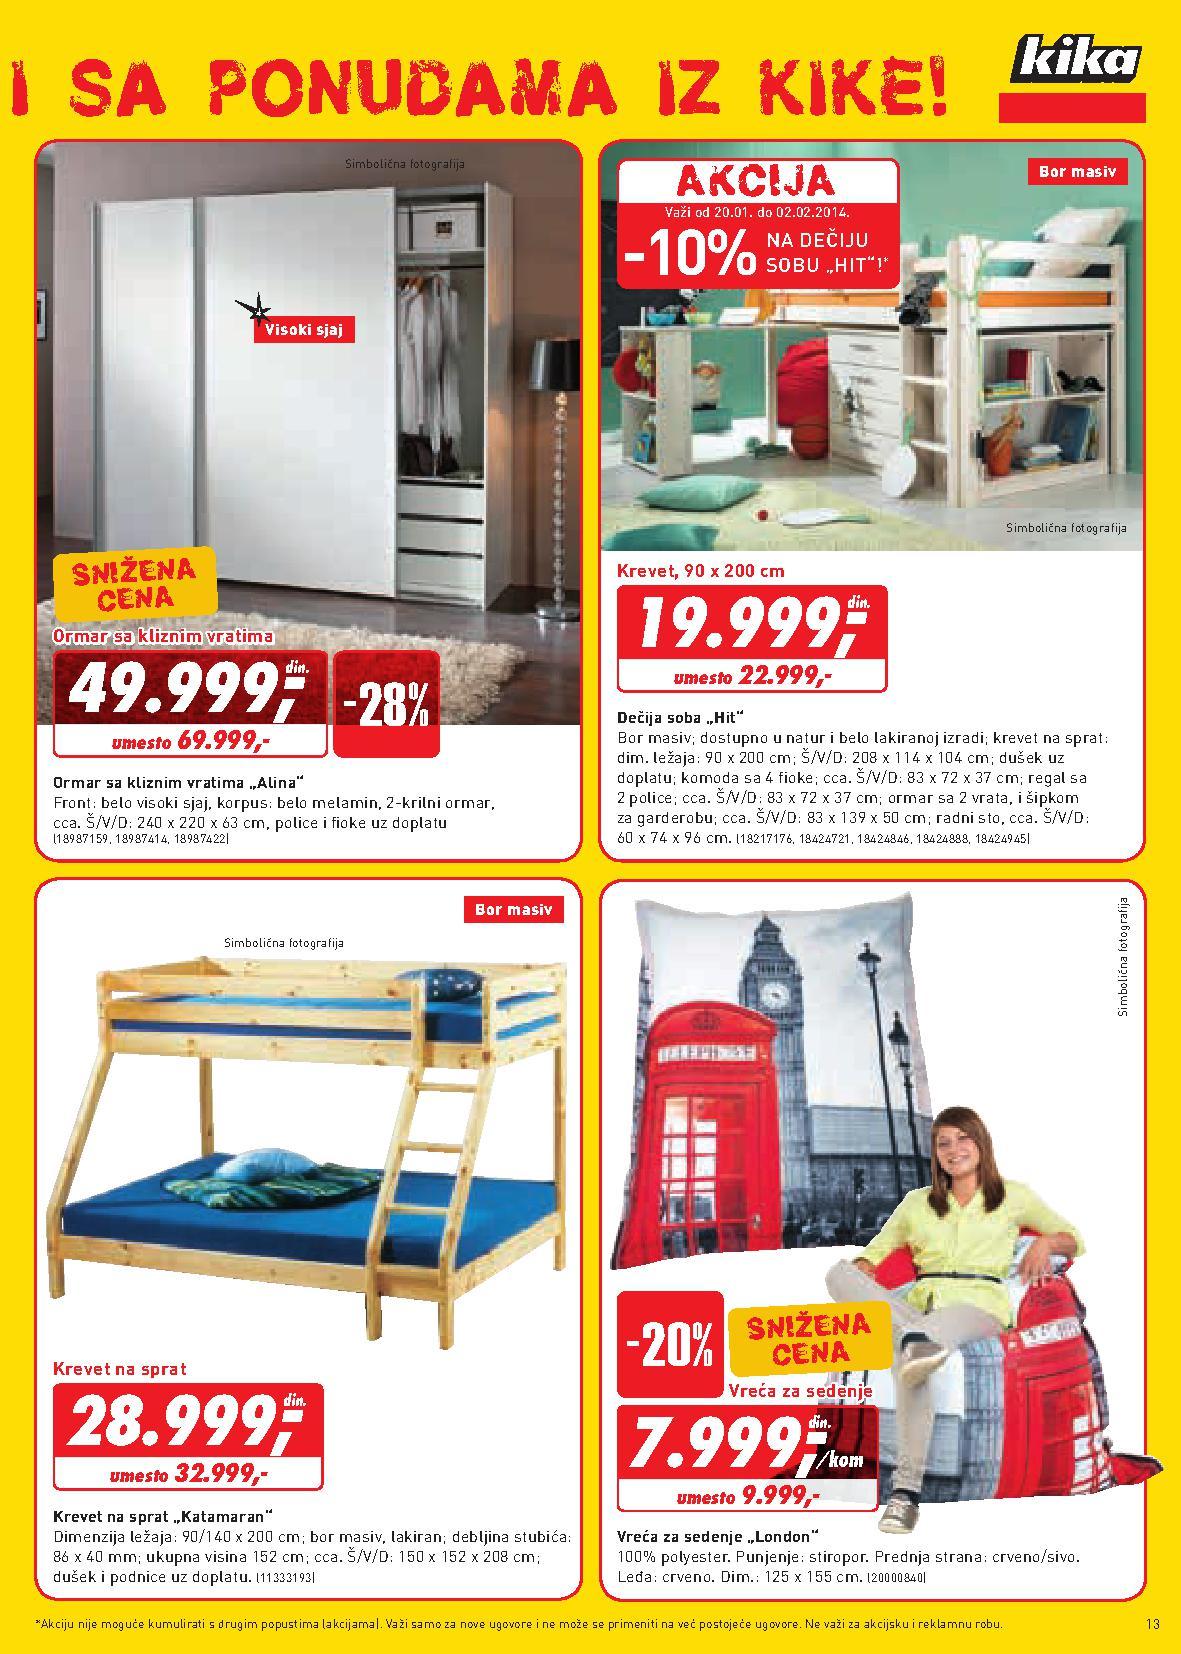 Kika katalog super ponuda za vaš dom